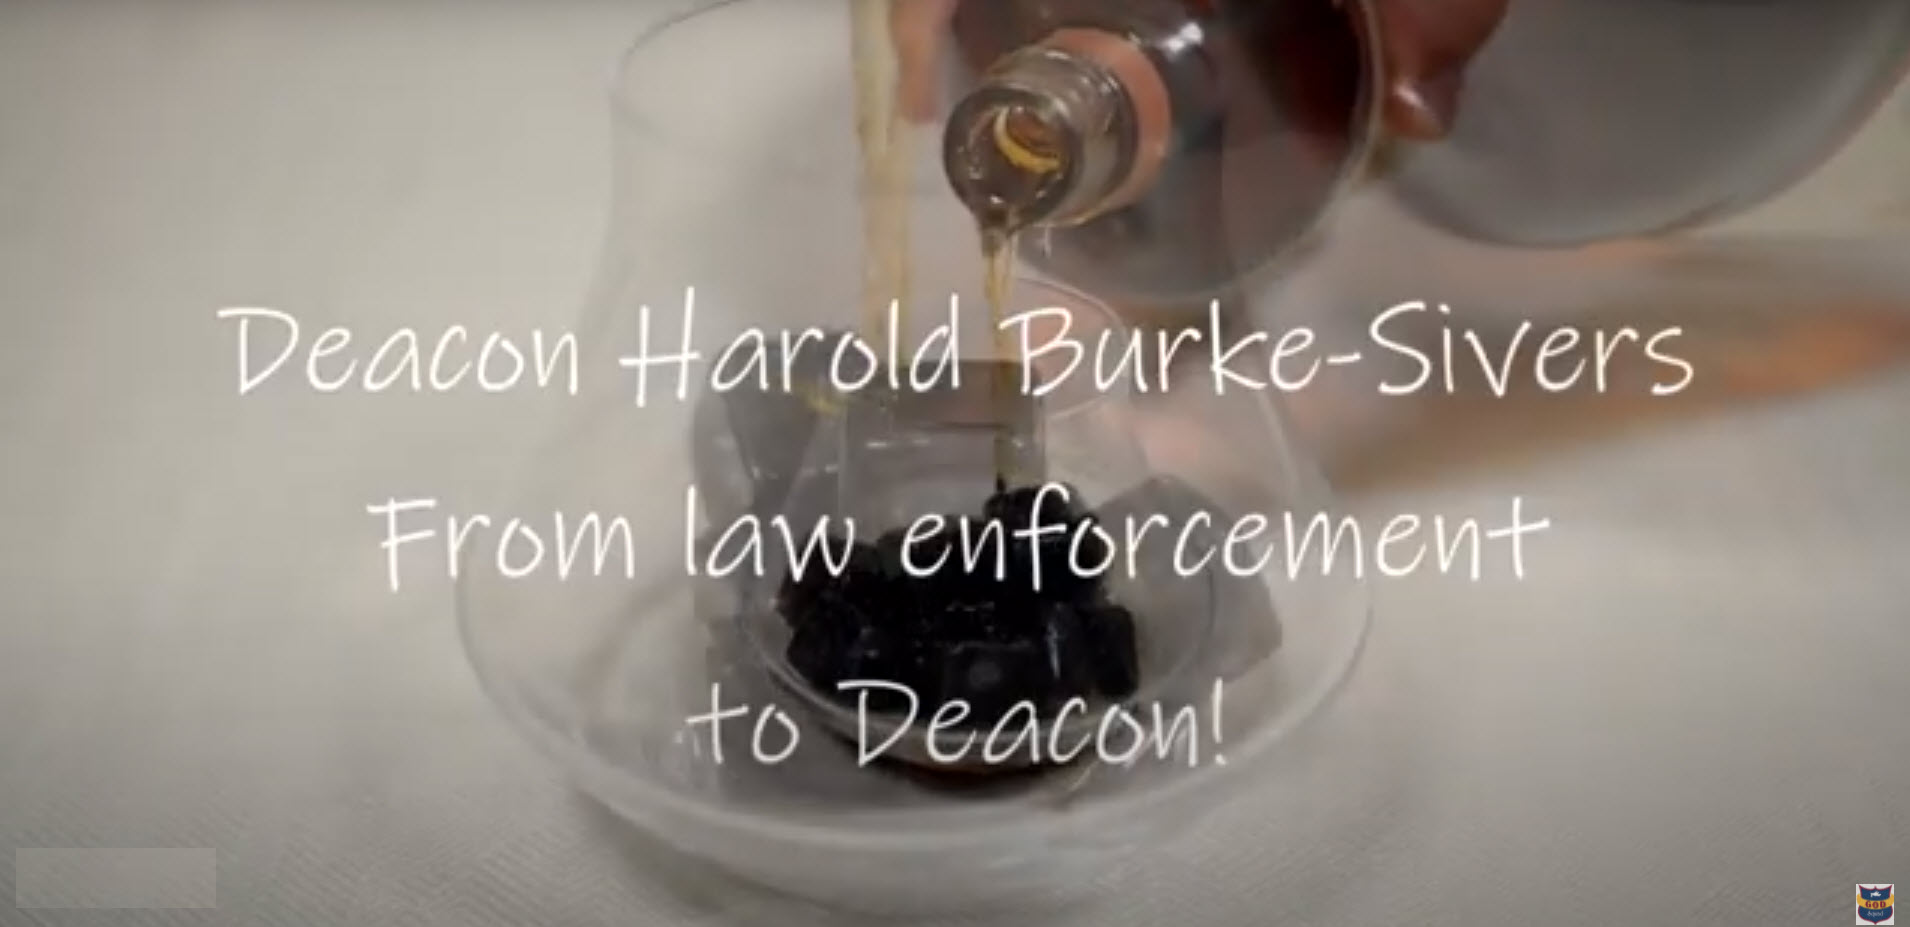 AWD Deacon Harold